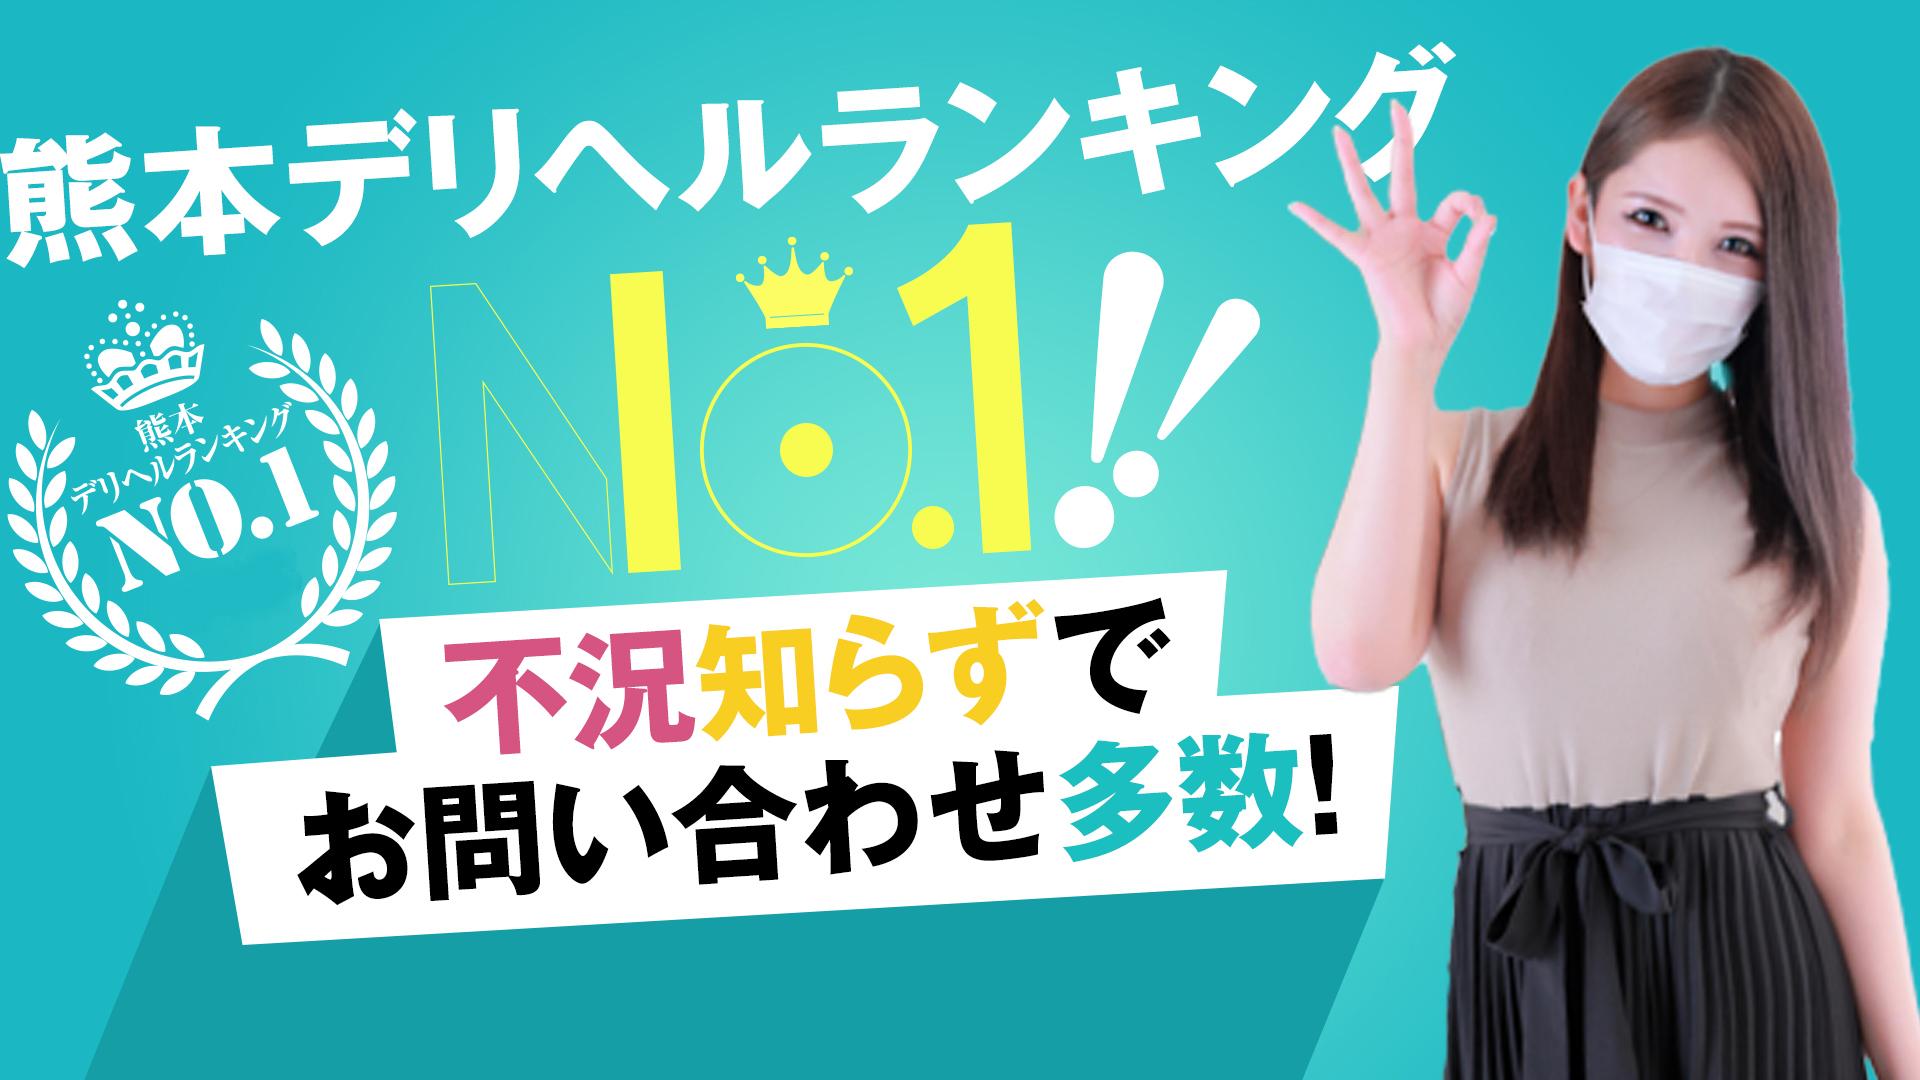 アイコレ女学院 熊本校の求人画像